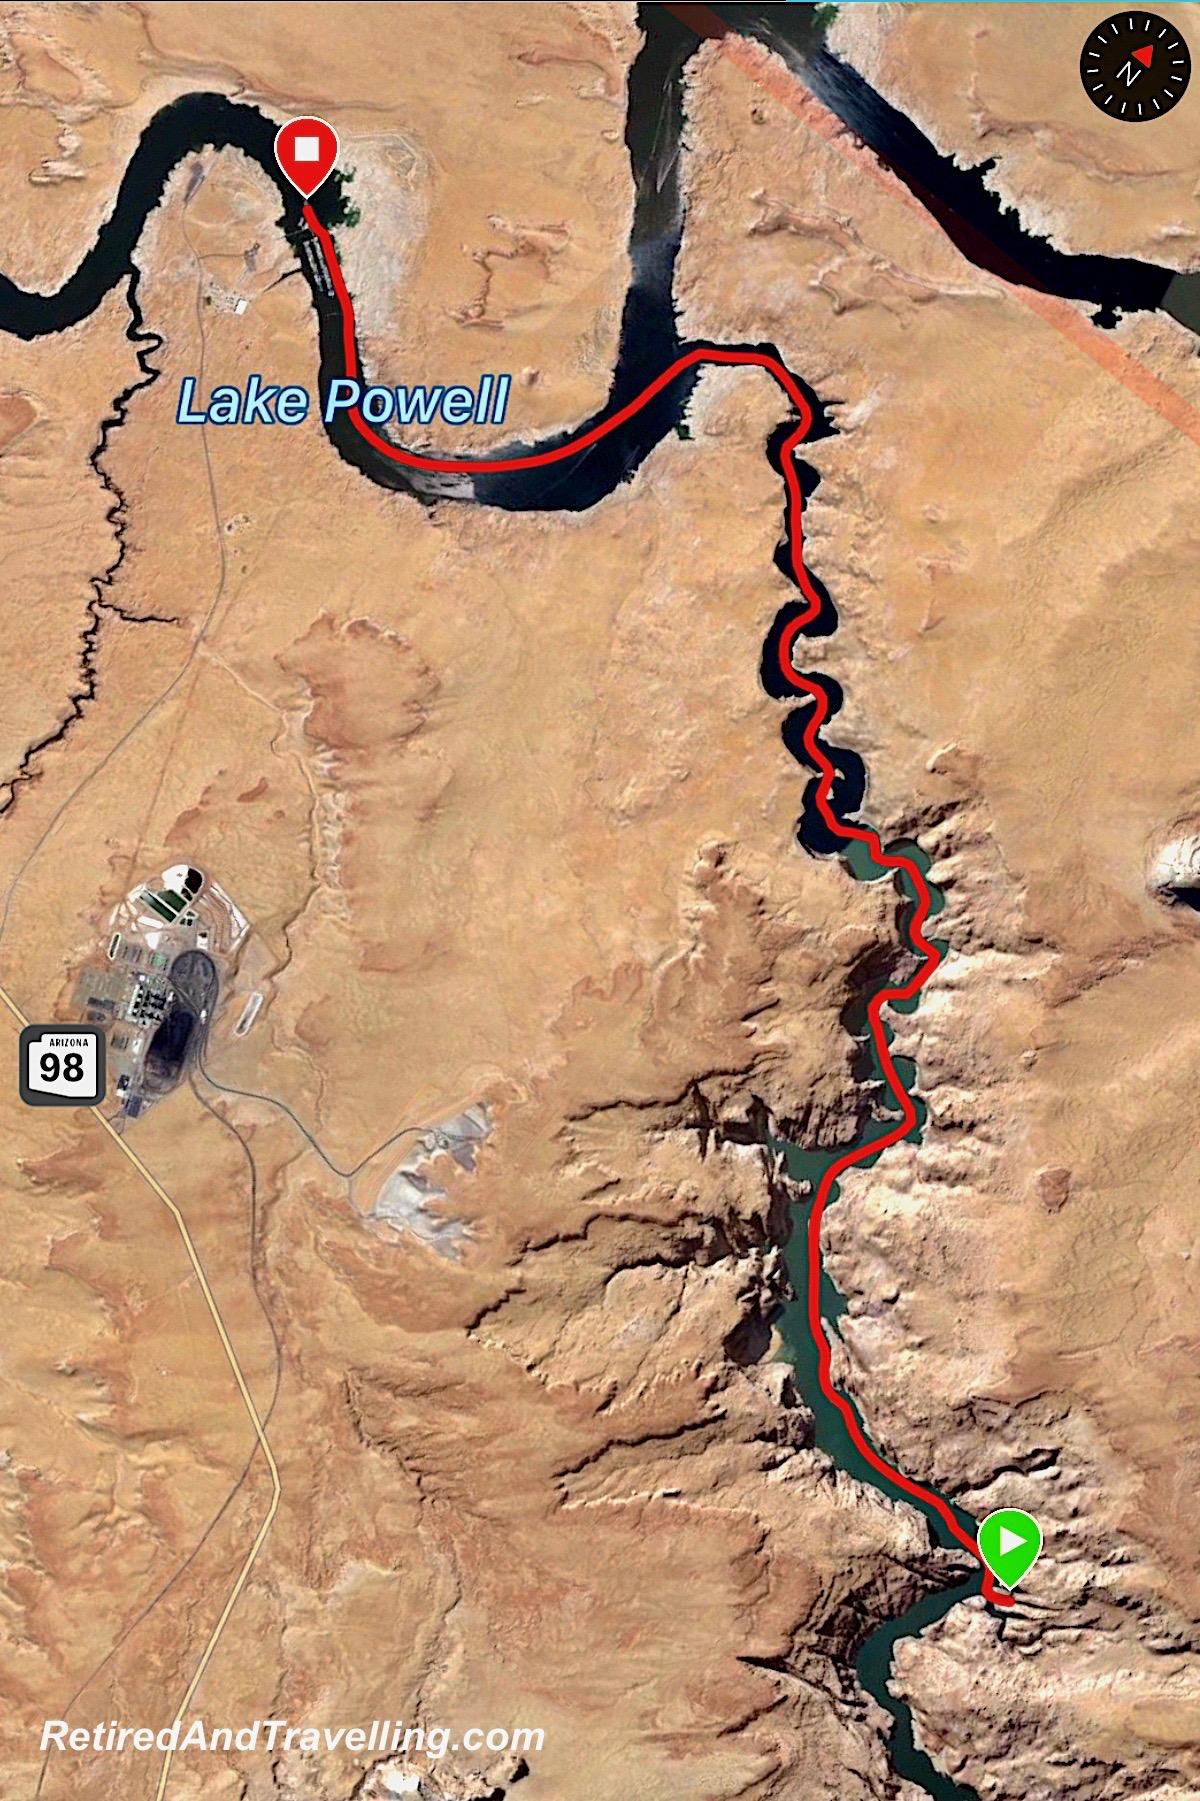 Antelope Point Navejo Canyon boat path - Boating Navajo Canyon On Lake Powell.jpg